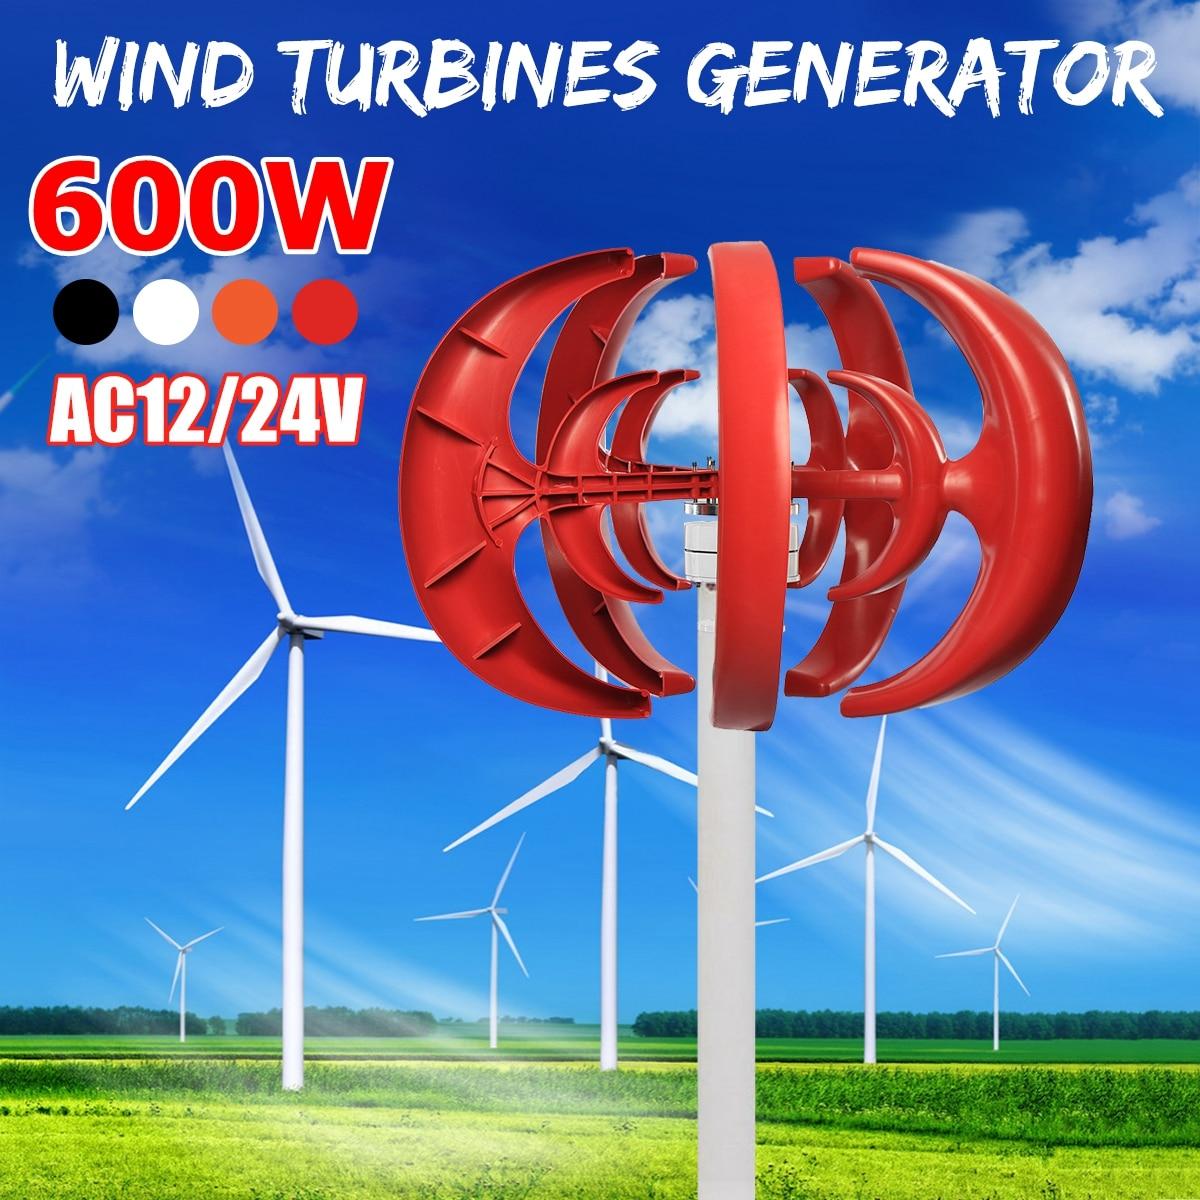 Max 600 Вт AC 12 В 24 ветряной генератор фонари 5 лопасти и двигатель комплект вертикальной оси для дома Гибридный фонарь применение